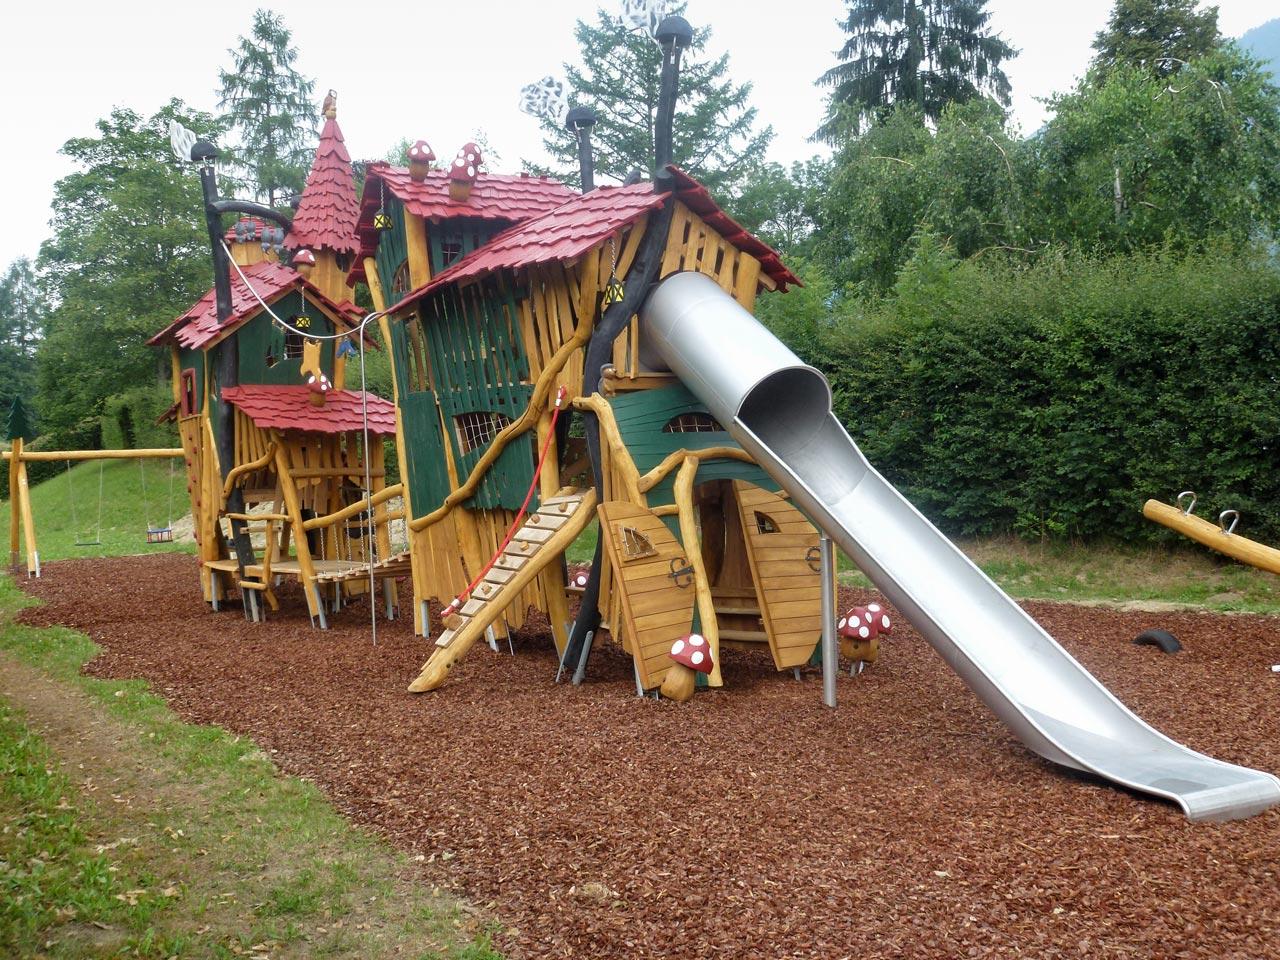 A 160 Themenspielplatz Heim der Waldkobolde